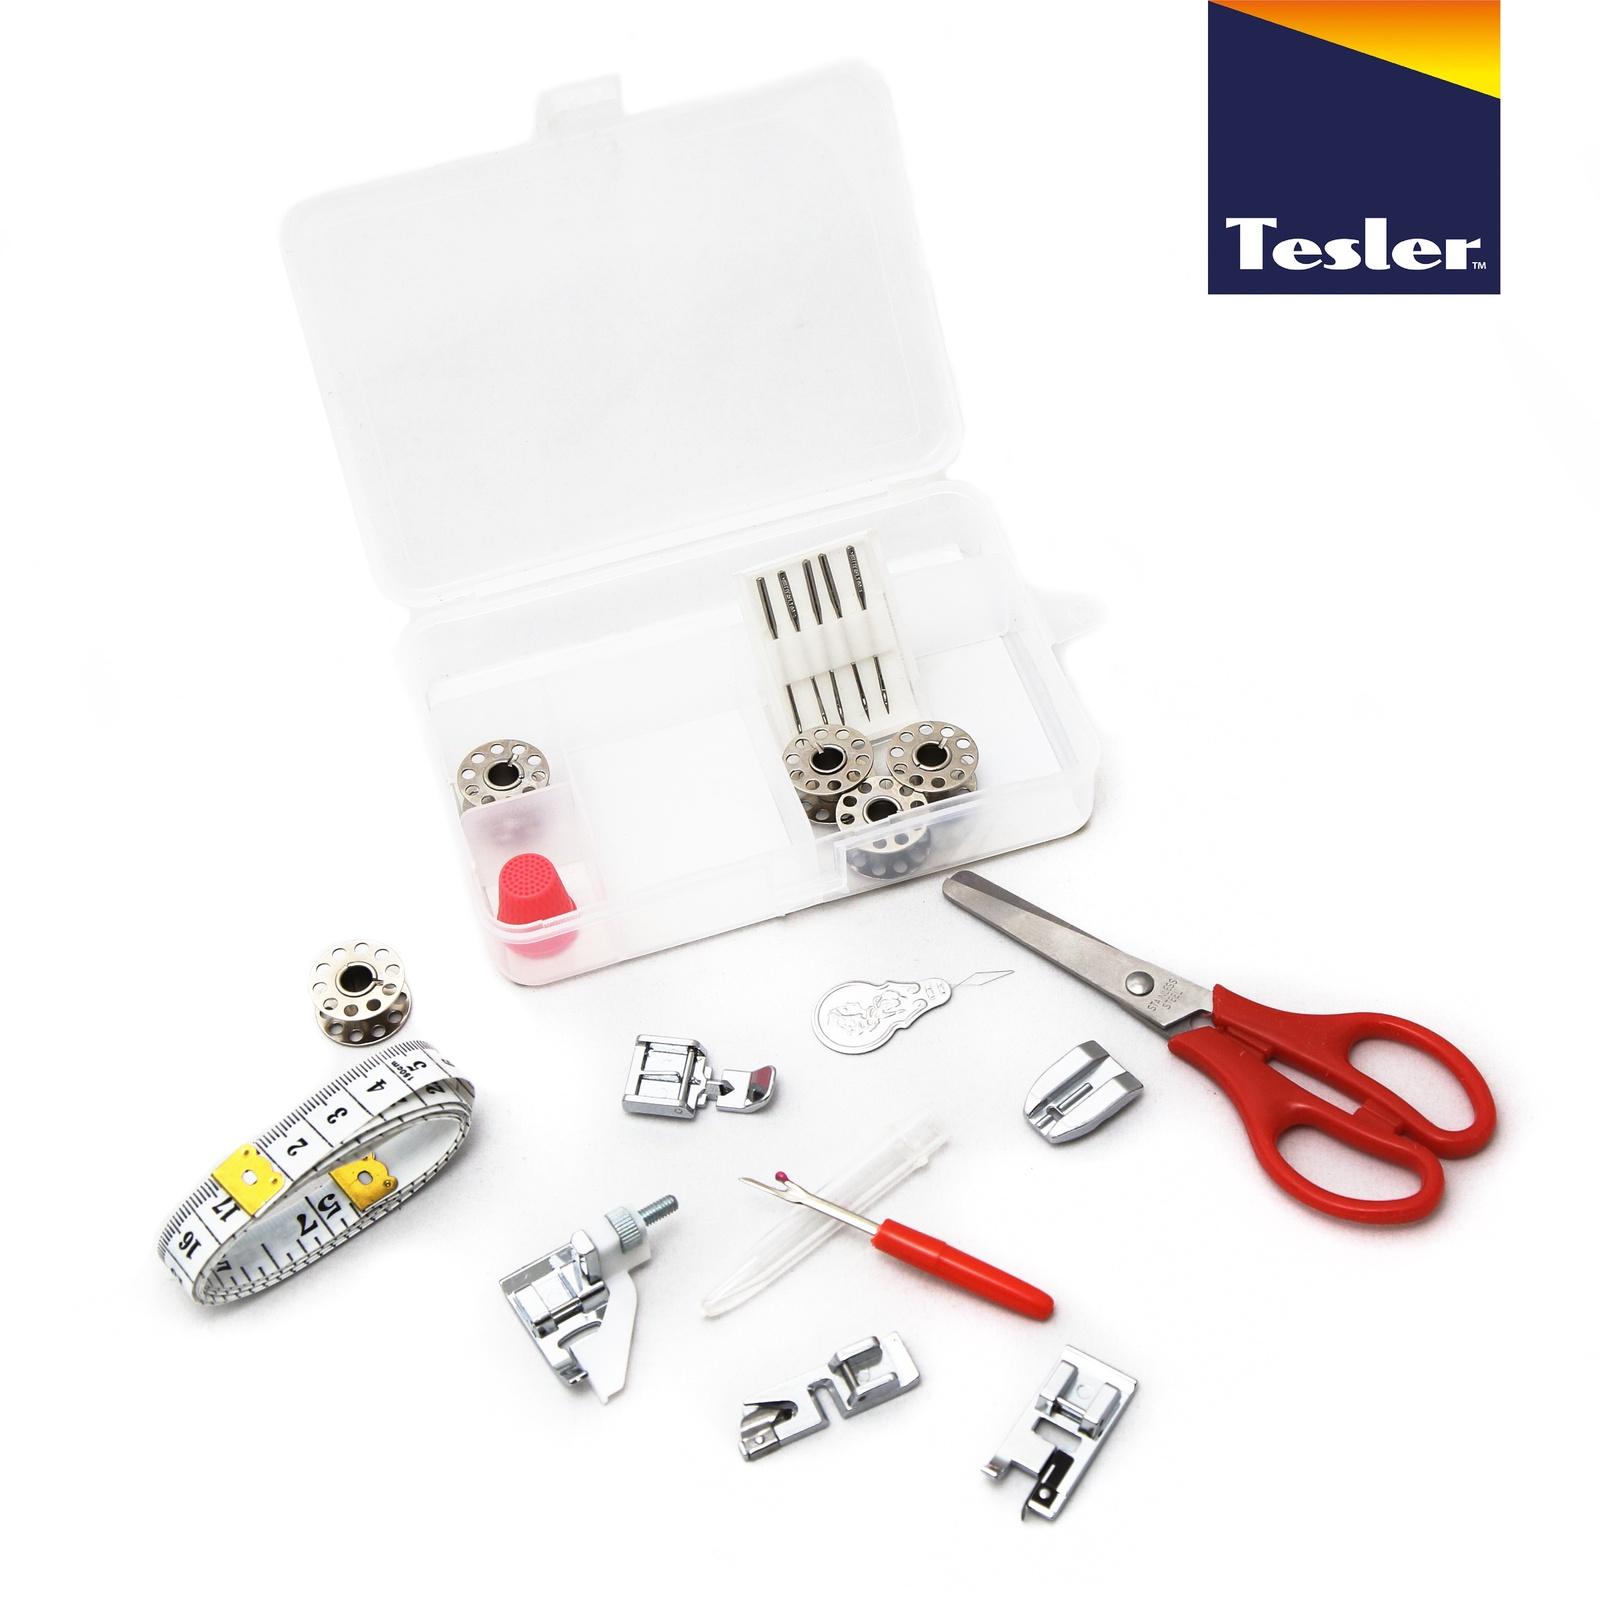 Набор швейных принадлежностей TESLER SK-20 Tesler